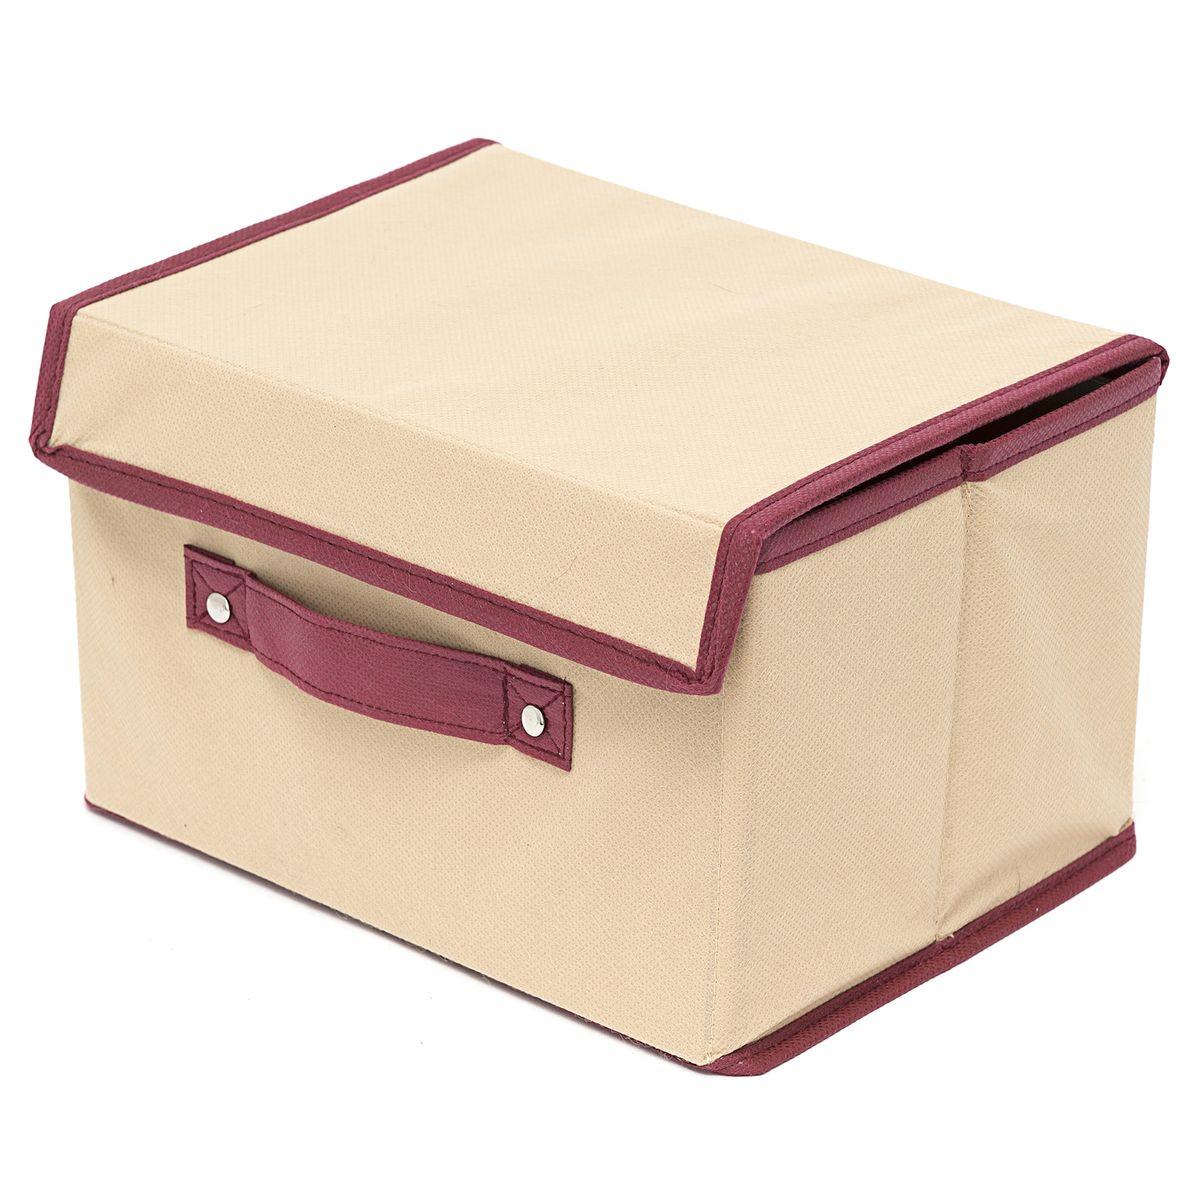 Коробка для хранения Homsu Comfort, с крышкой, цвет: бежевый, 38 x 25 x 25 смHOM-682Универсальная коробочка для хранения любых вещей. Оптимальный размер позволяет хранить в ней любые вещи и предметы. Имеет жесткие борта, что является гарантией сохранности вещей. Размер изделия:38x25x25см